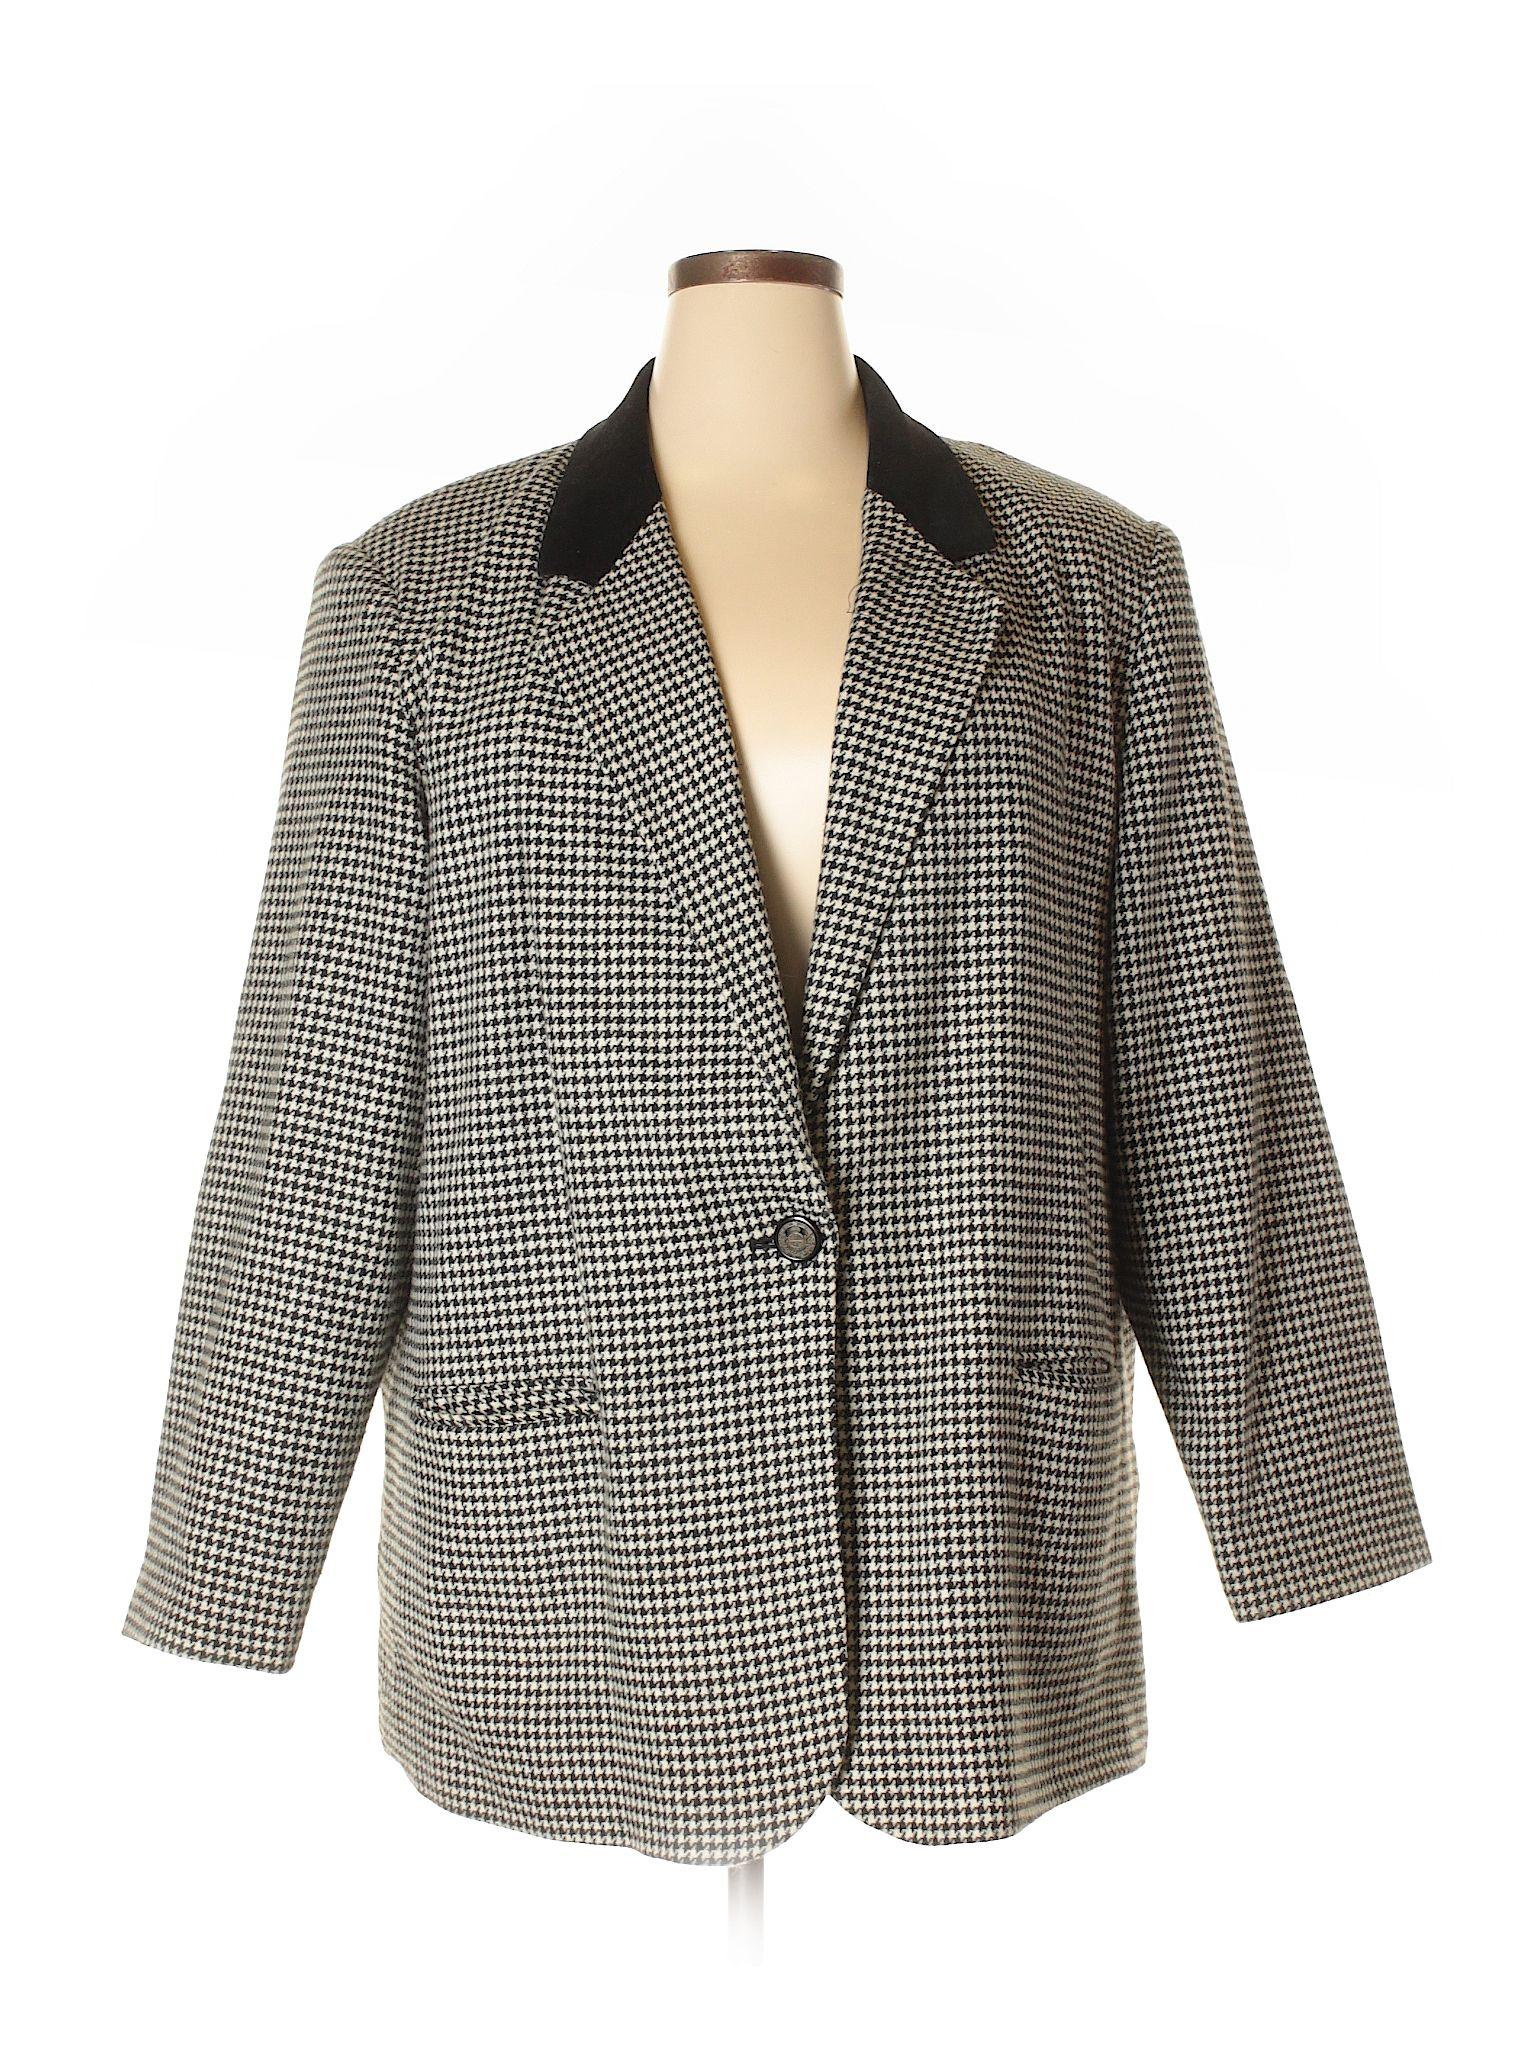 28ccefdd1eff Sag Harbor Wool Blazer: Size 22.00 Black Women's Jackets & Outerwear -  $18.99